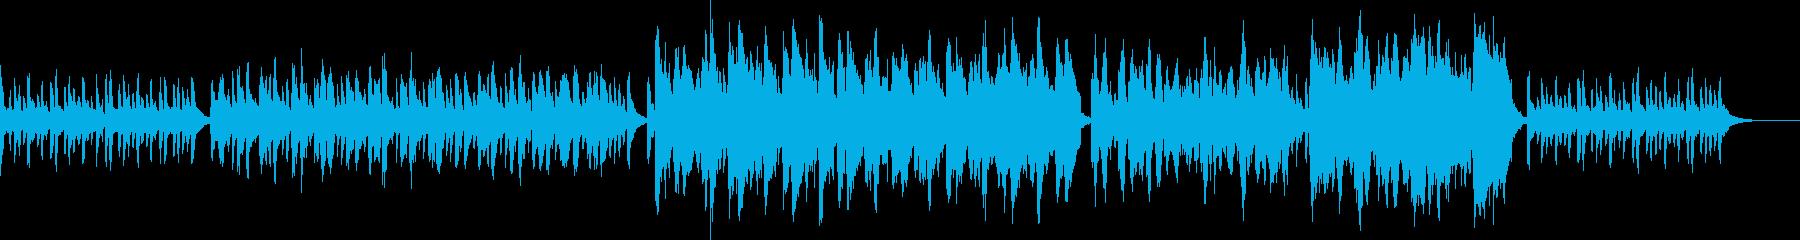 グリーンスリーブス おもしろジャズarrの再生済みの波形